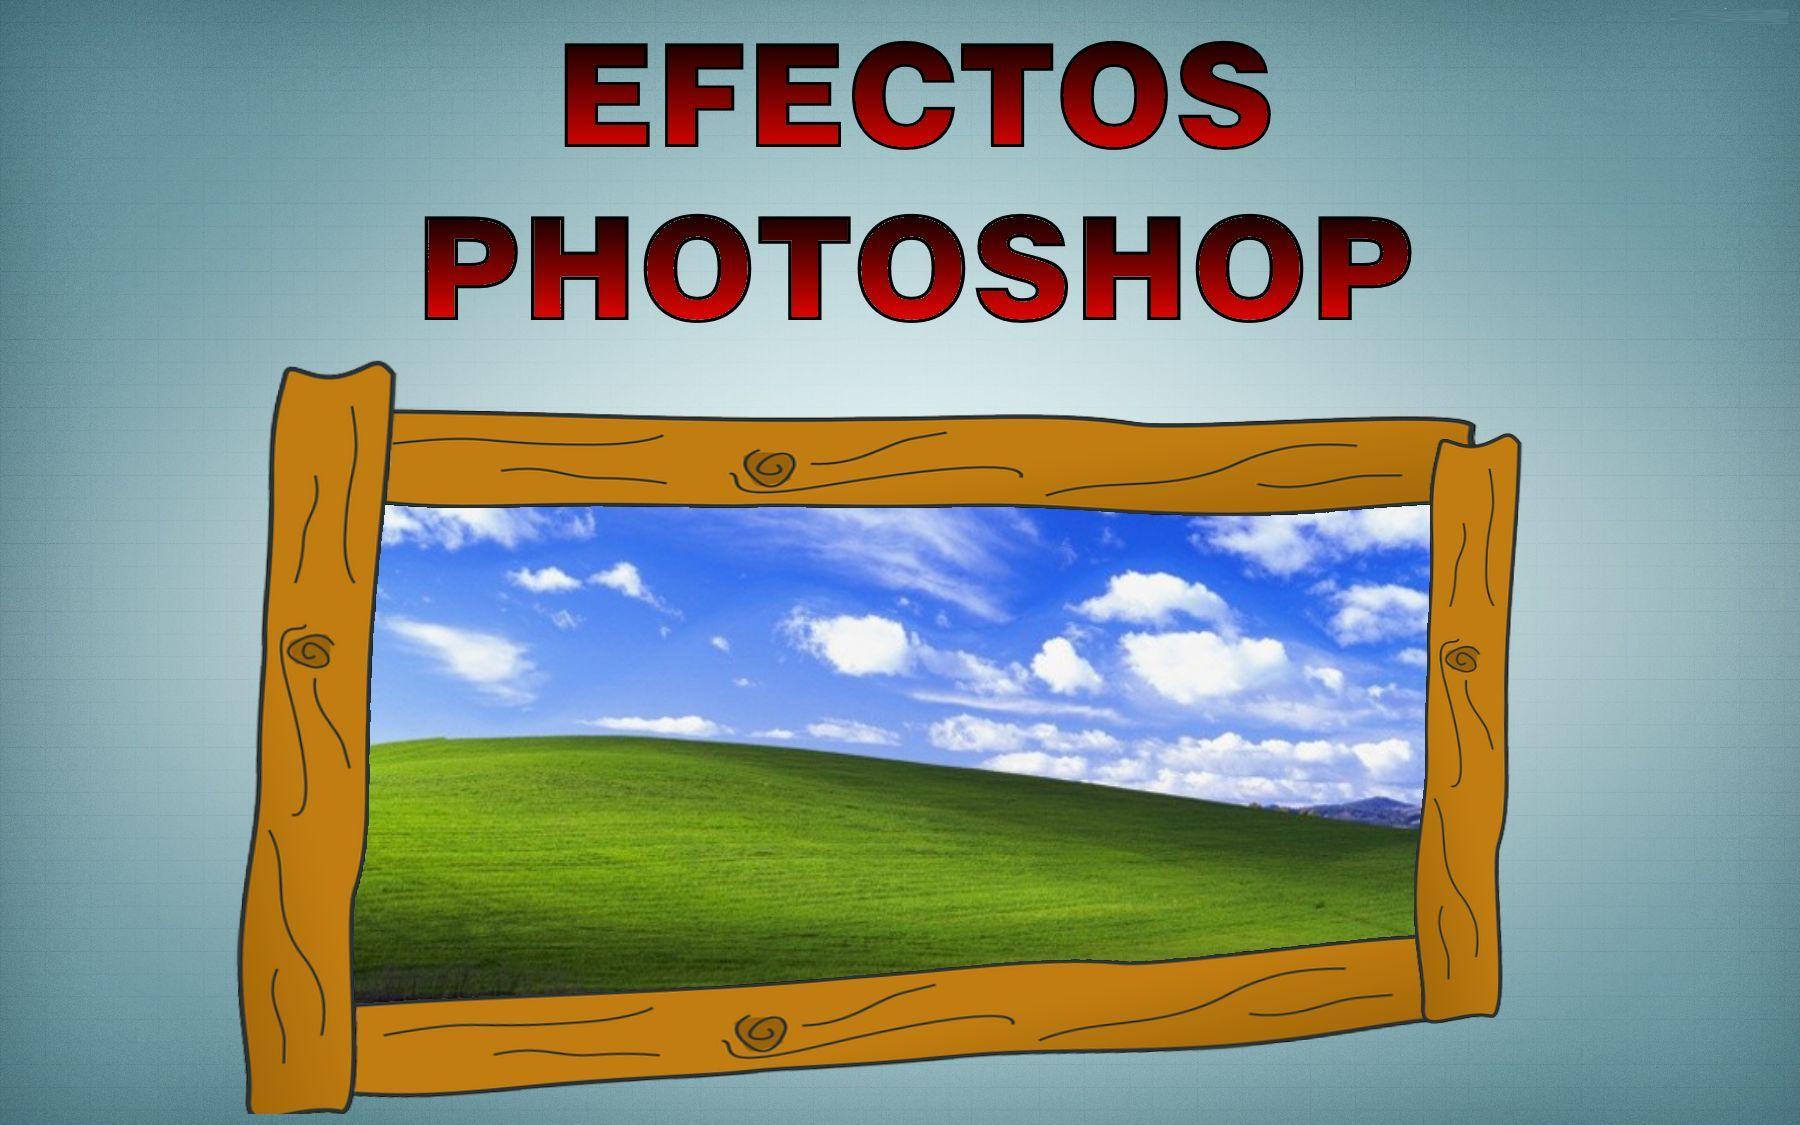 7020 - ¿Eres capaz de relacionar estos efectos de photoshop?